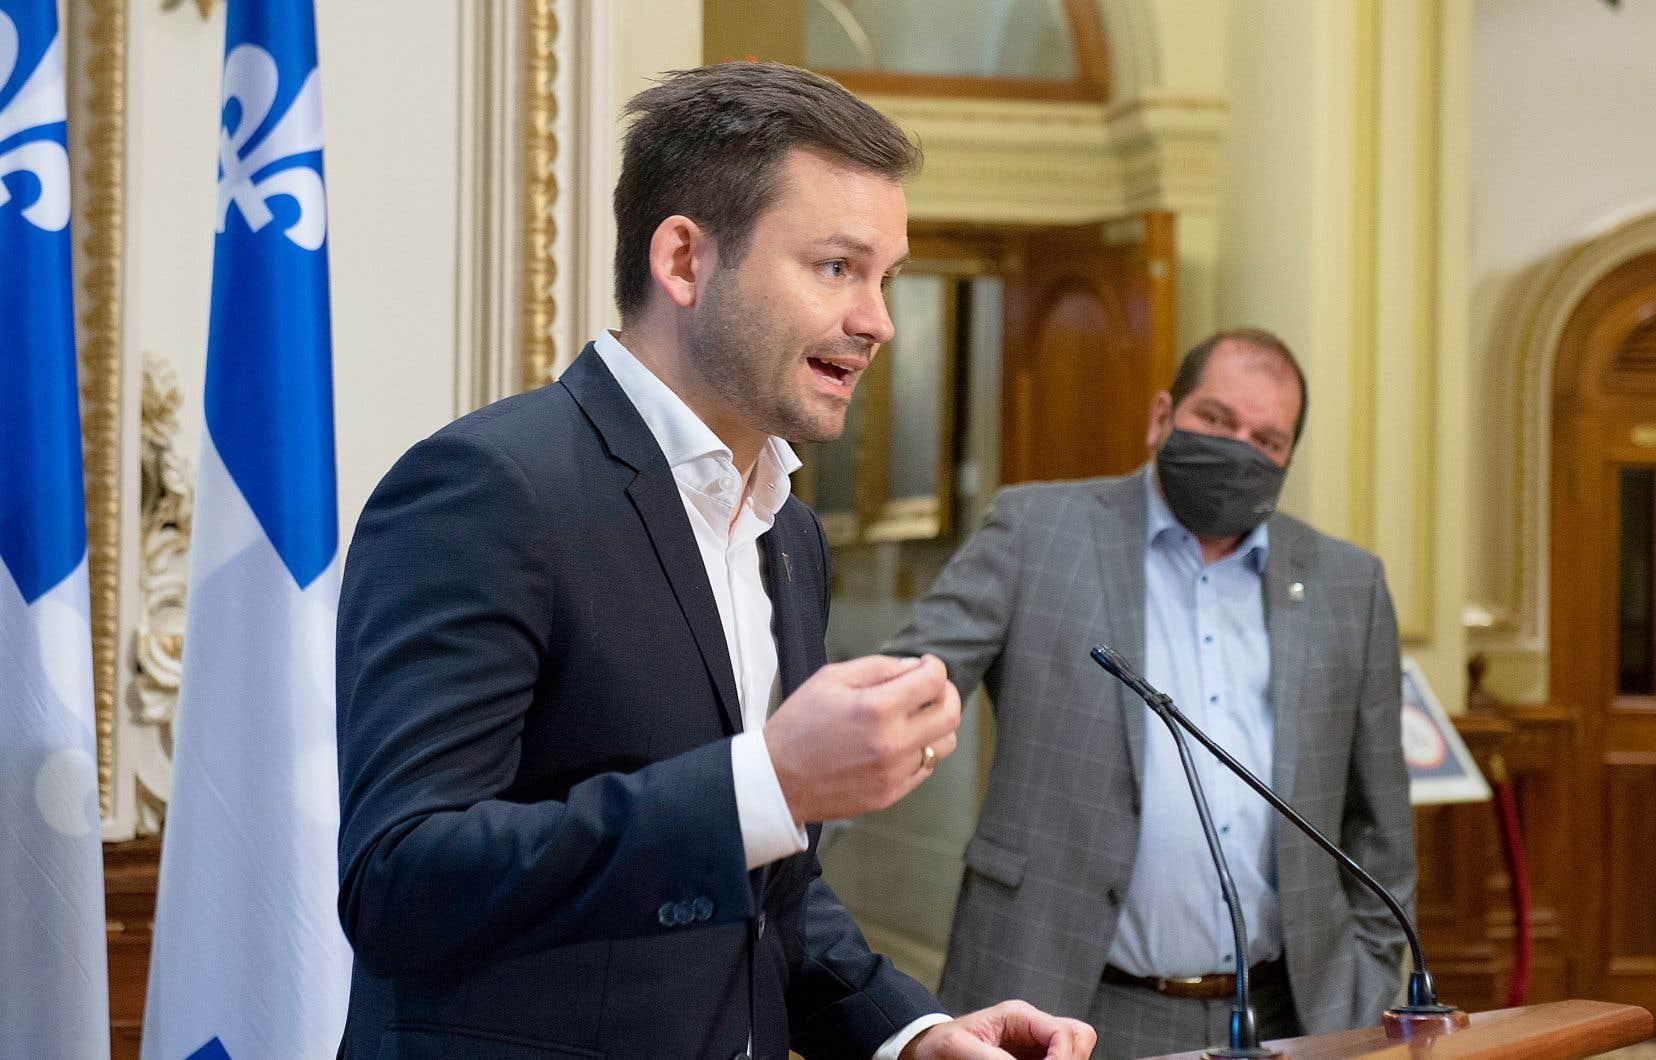 Le nouveau chef du Parti québécois, Paul St-Pierre-Plamondon, a rencontré la presse parlementaire après une première séance avec le caucus des députés, dont le leader parlementaire, Harol LeBel, que l'on aperçoit sur la photo.